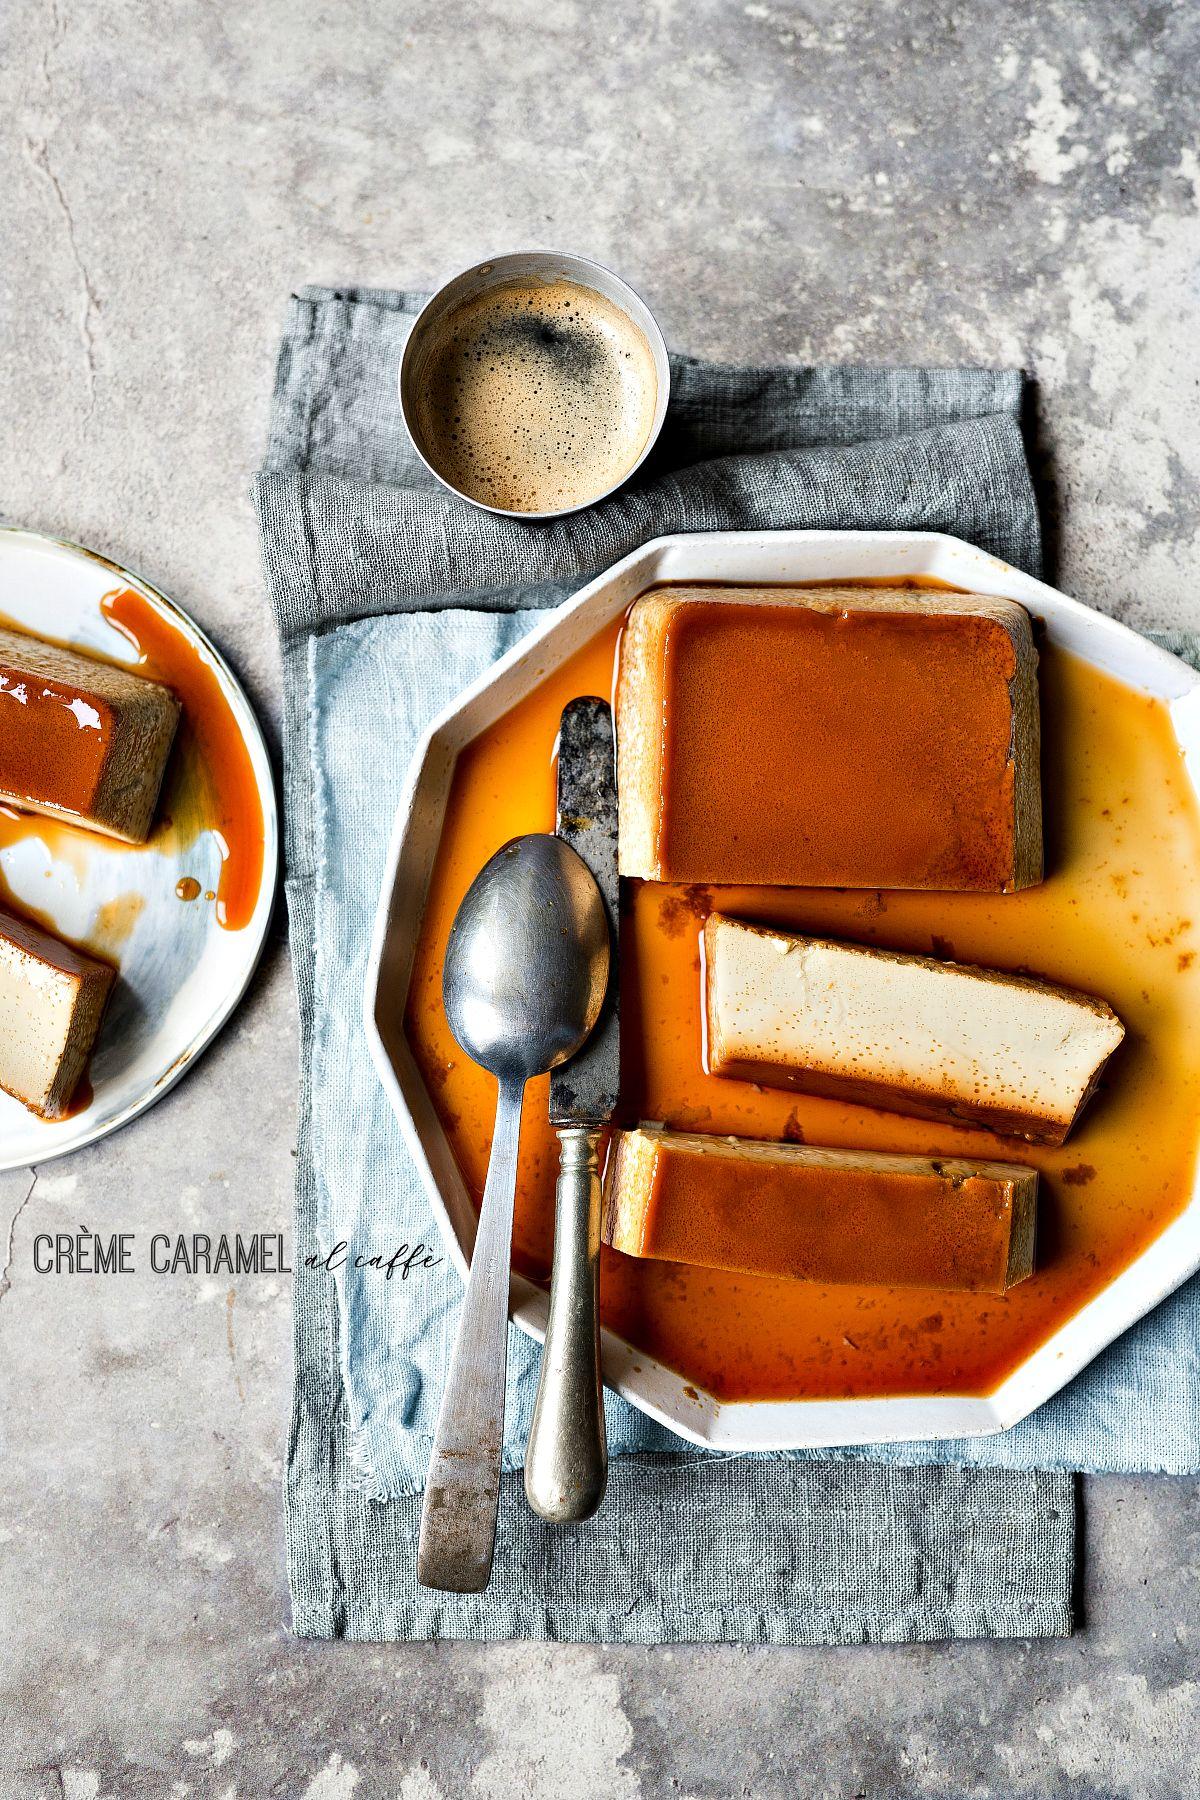 crème caramel al caffè ma anche un budino senza lattosio